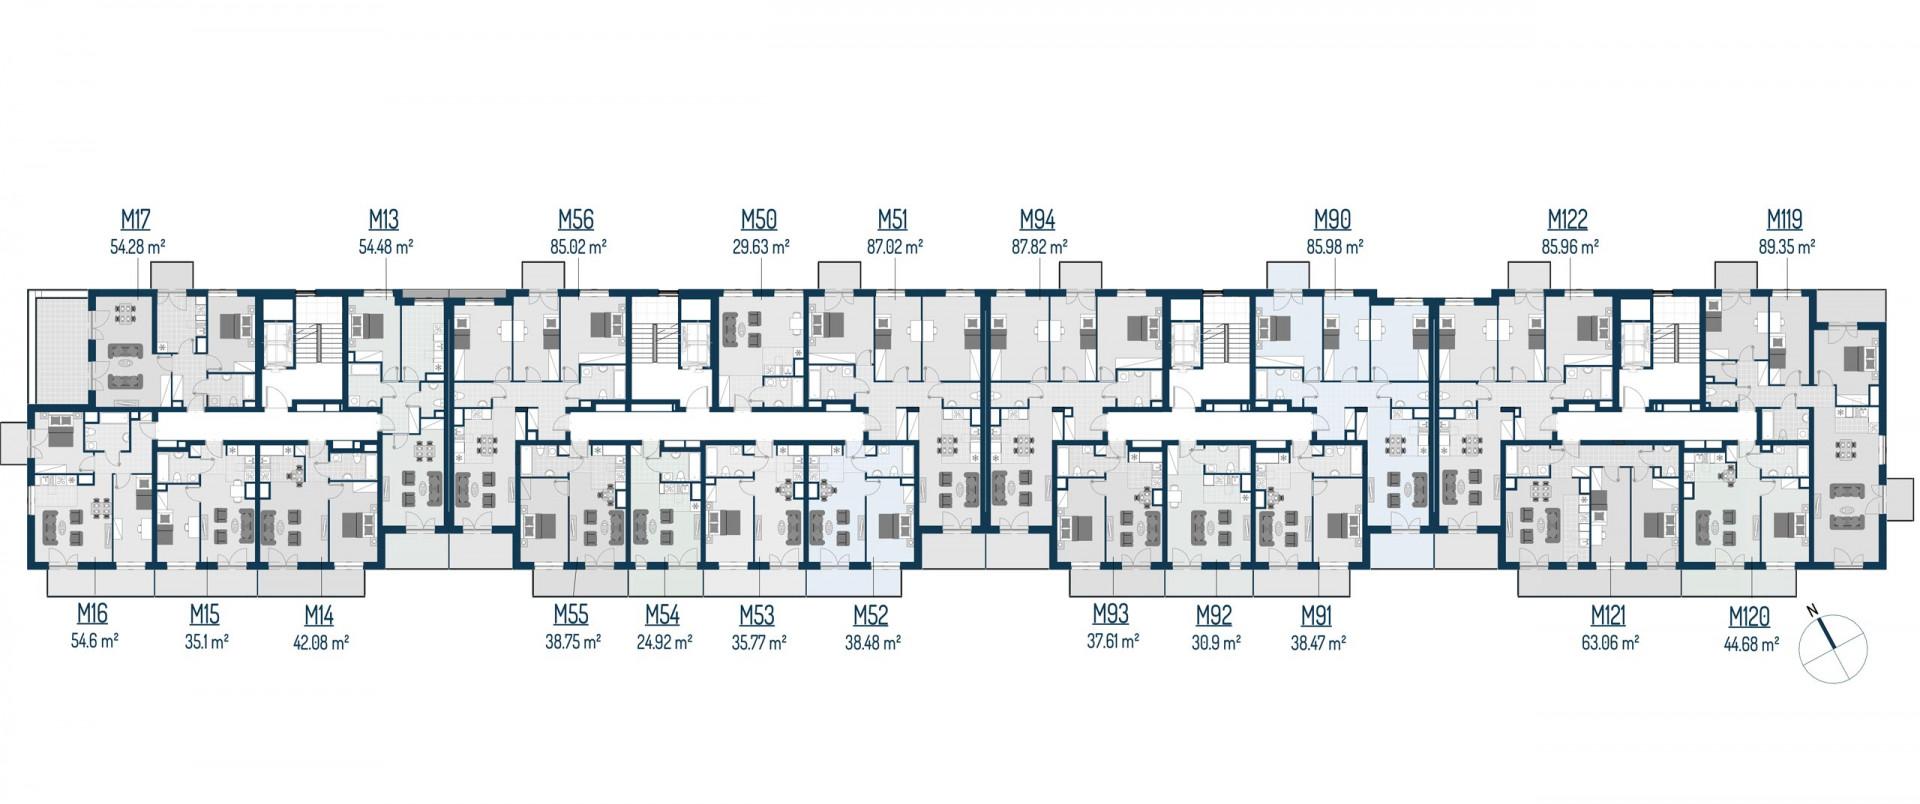 Zdrowe Stylove / budynek 2 / mieszkanie nr 119 rzut 2